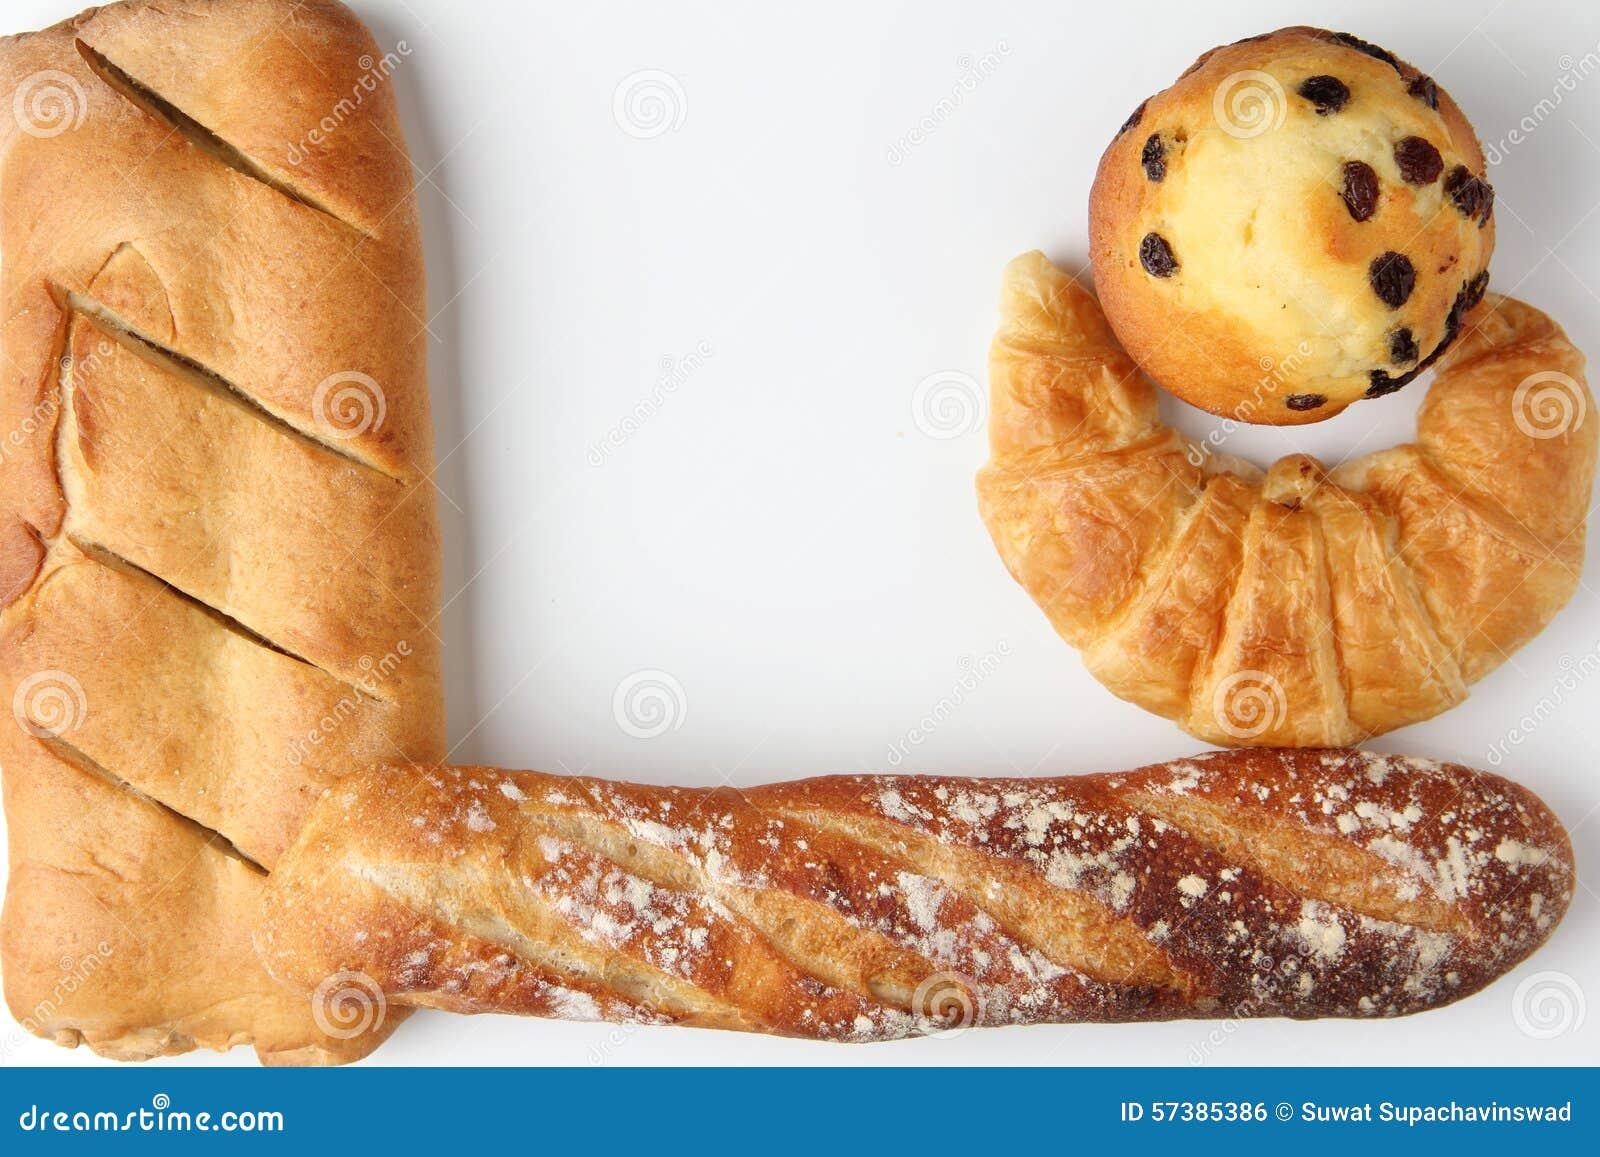 Croissantbakkerij met brademuffin